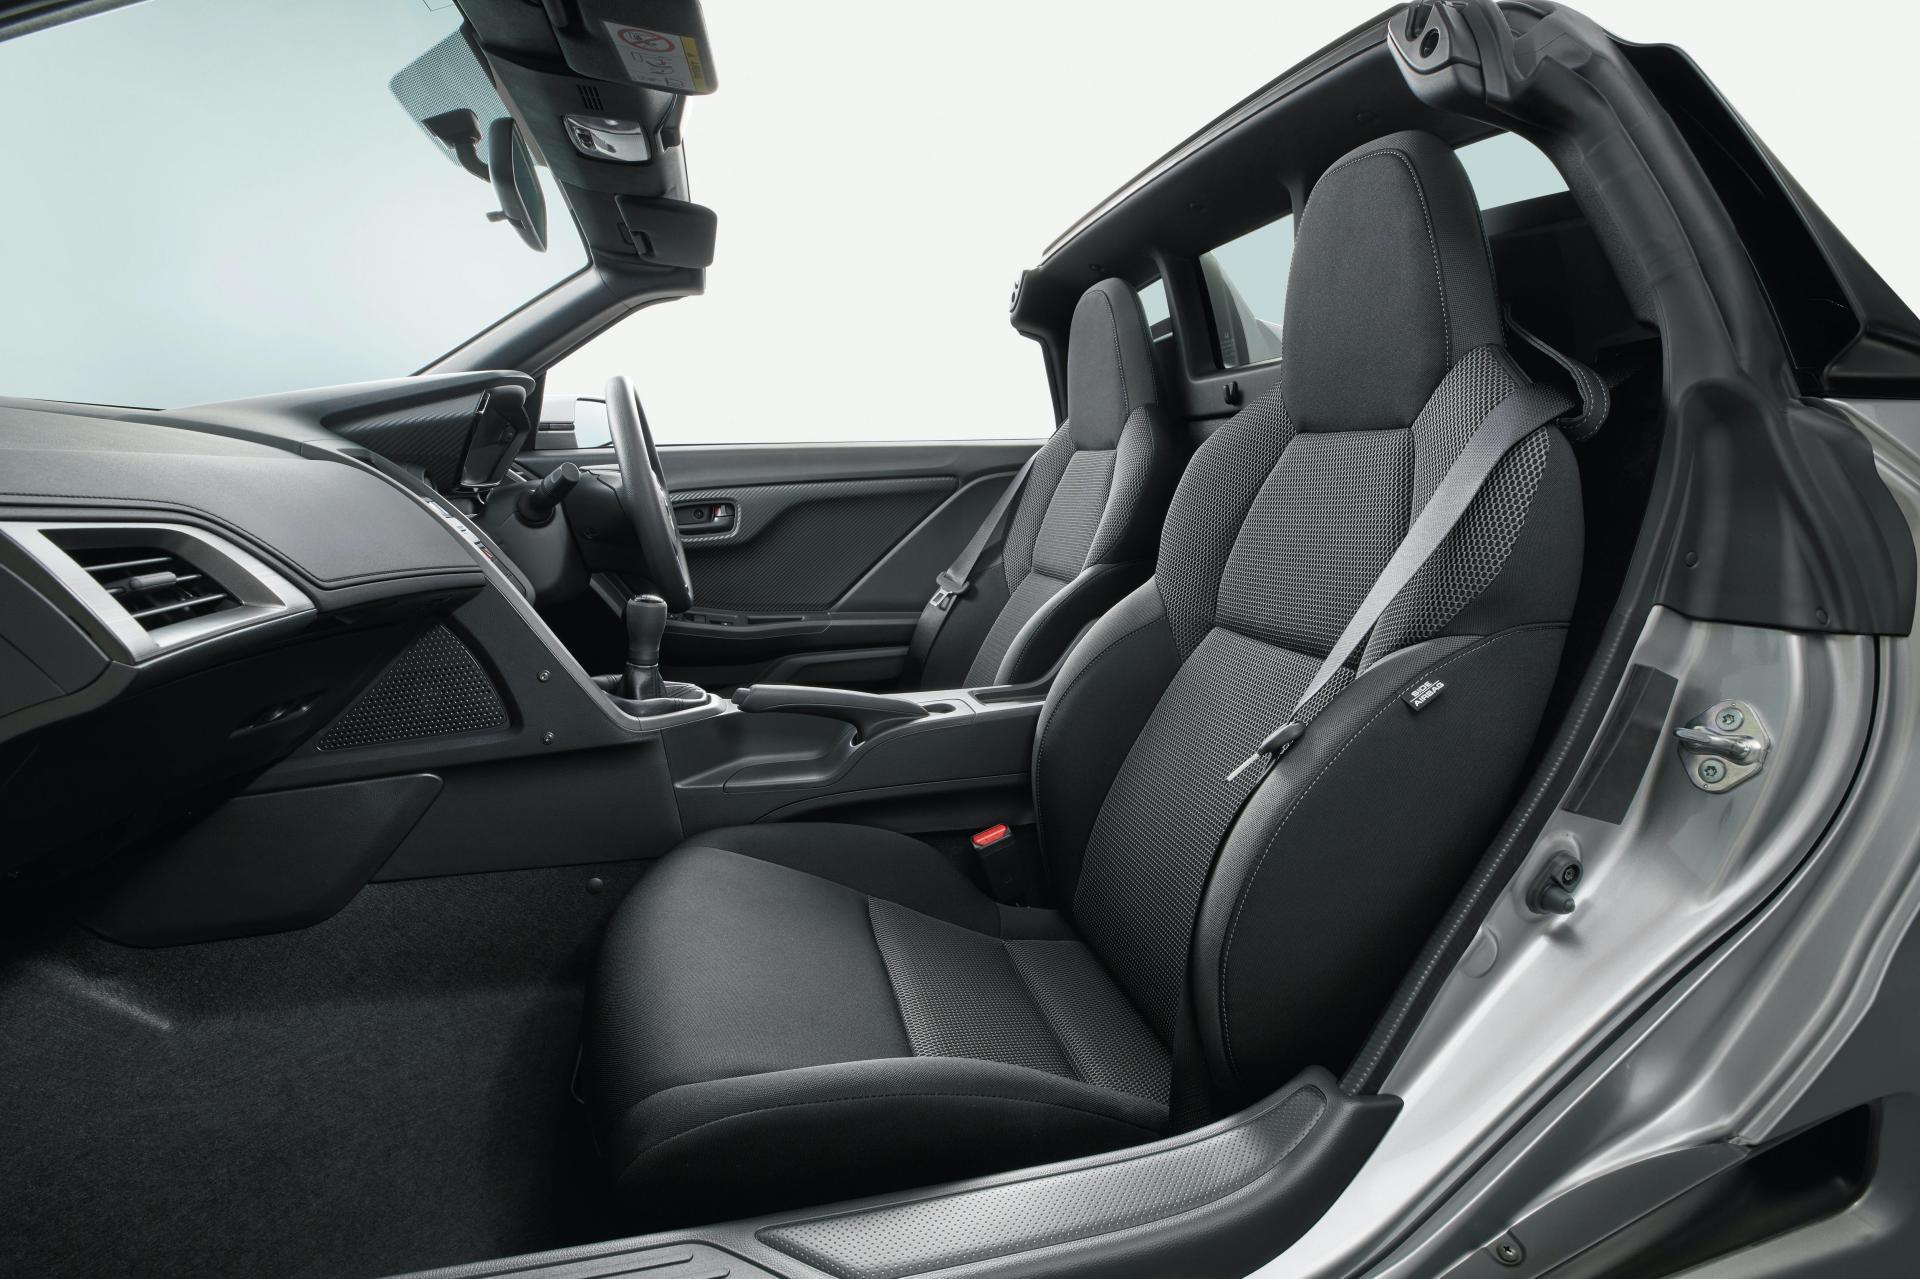 2020_Honda_S660_facelift_0010